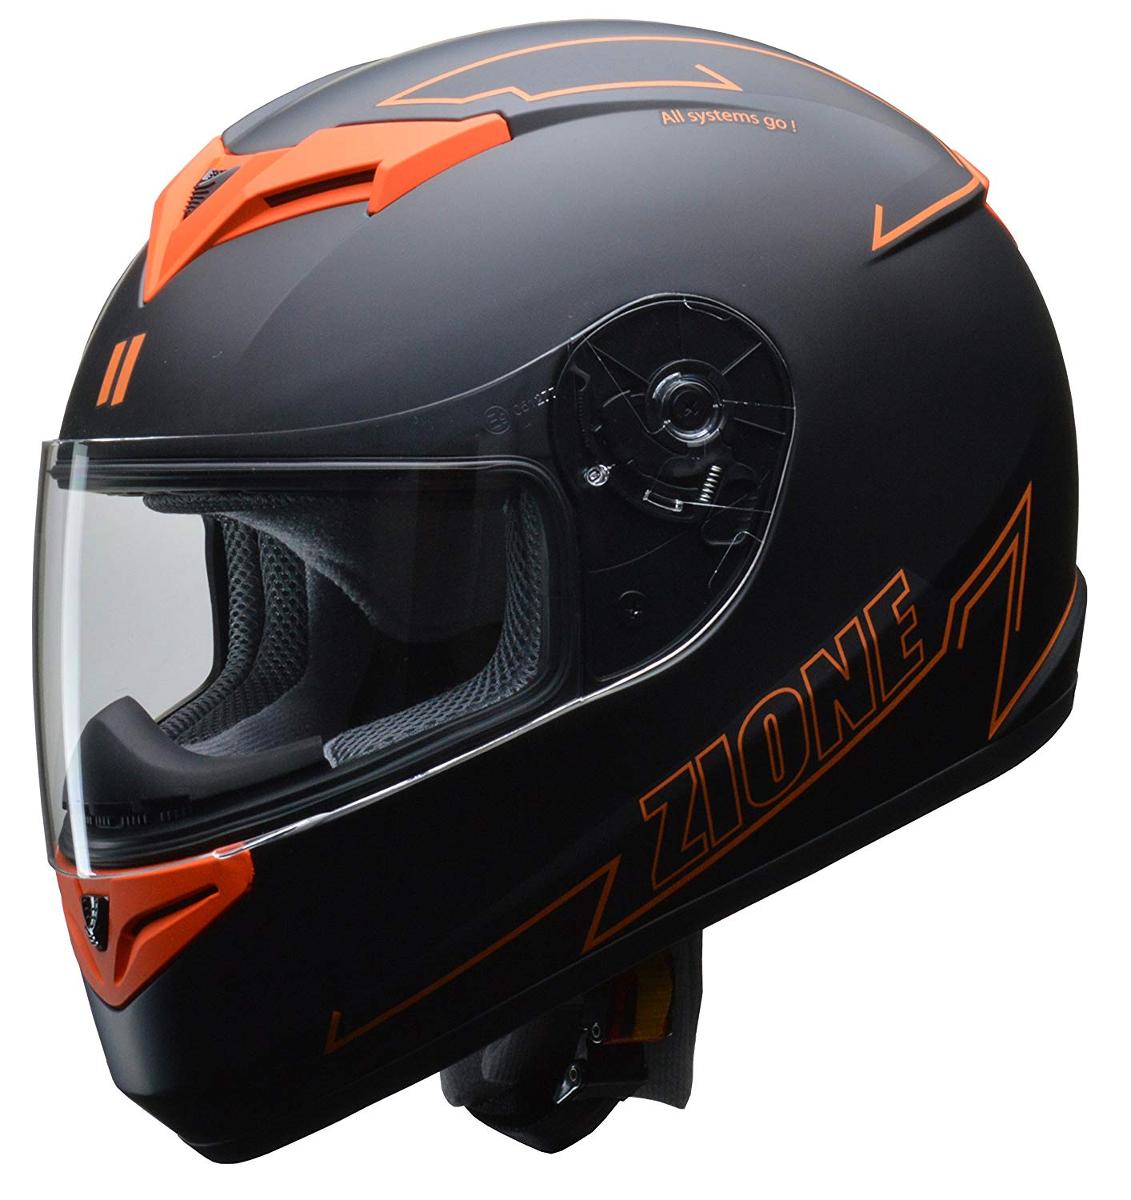 リード工業 フルフェイスヘルメット ZIONE (ジオーネ) オレンジ LLサイズ (61-62cm未満)